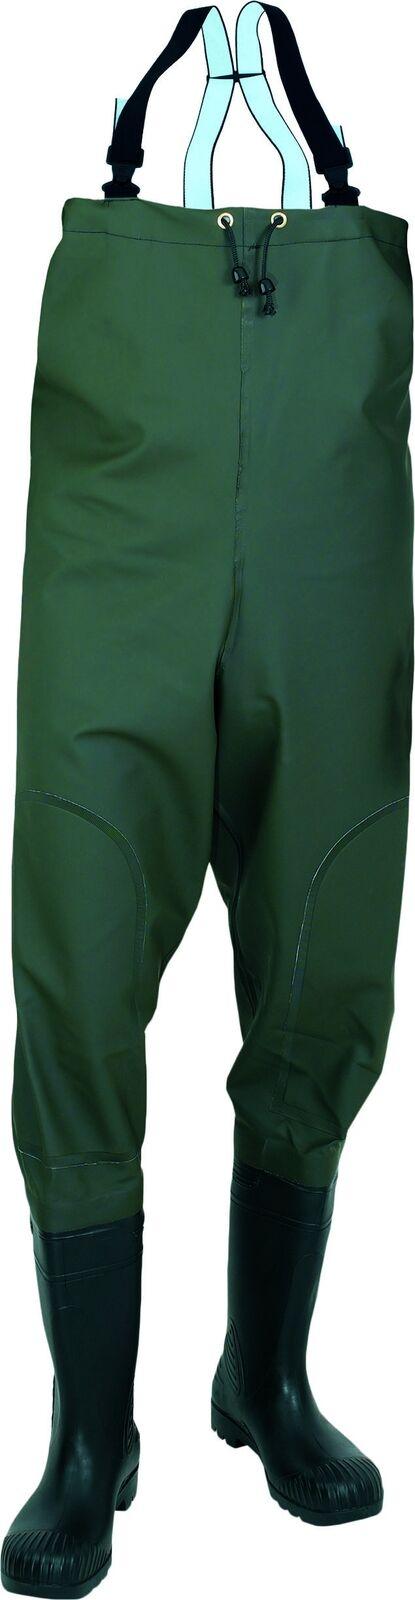 Watstiefel Angel Wathose mit Stiefel Fischerstiefel Hüftstiefel Teichhose    Schöne Farbe